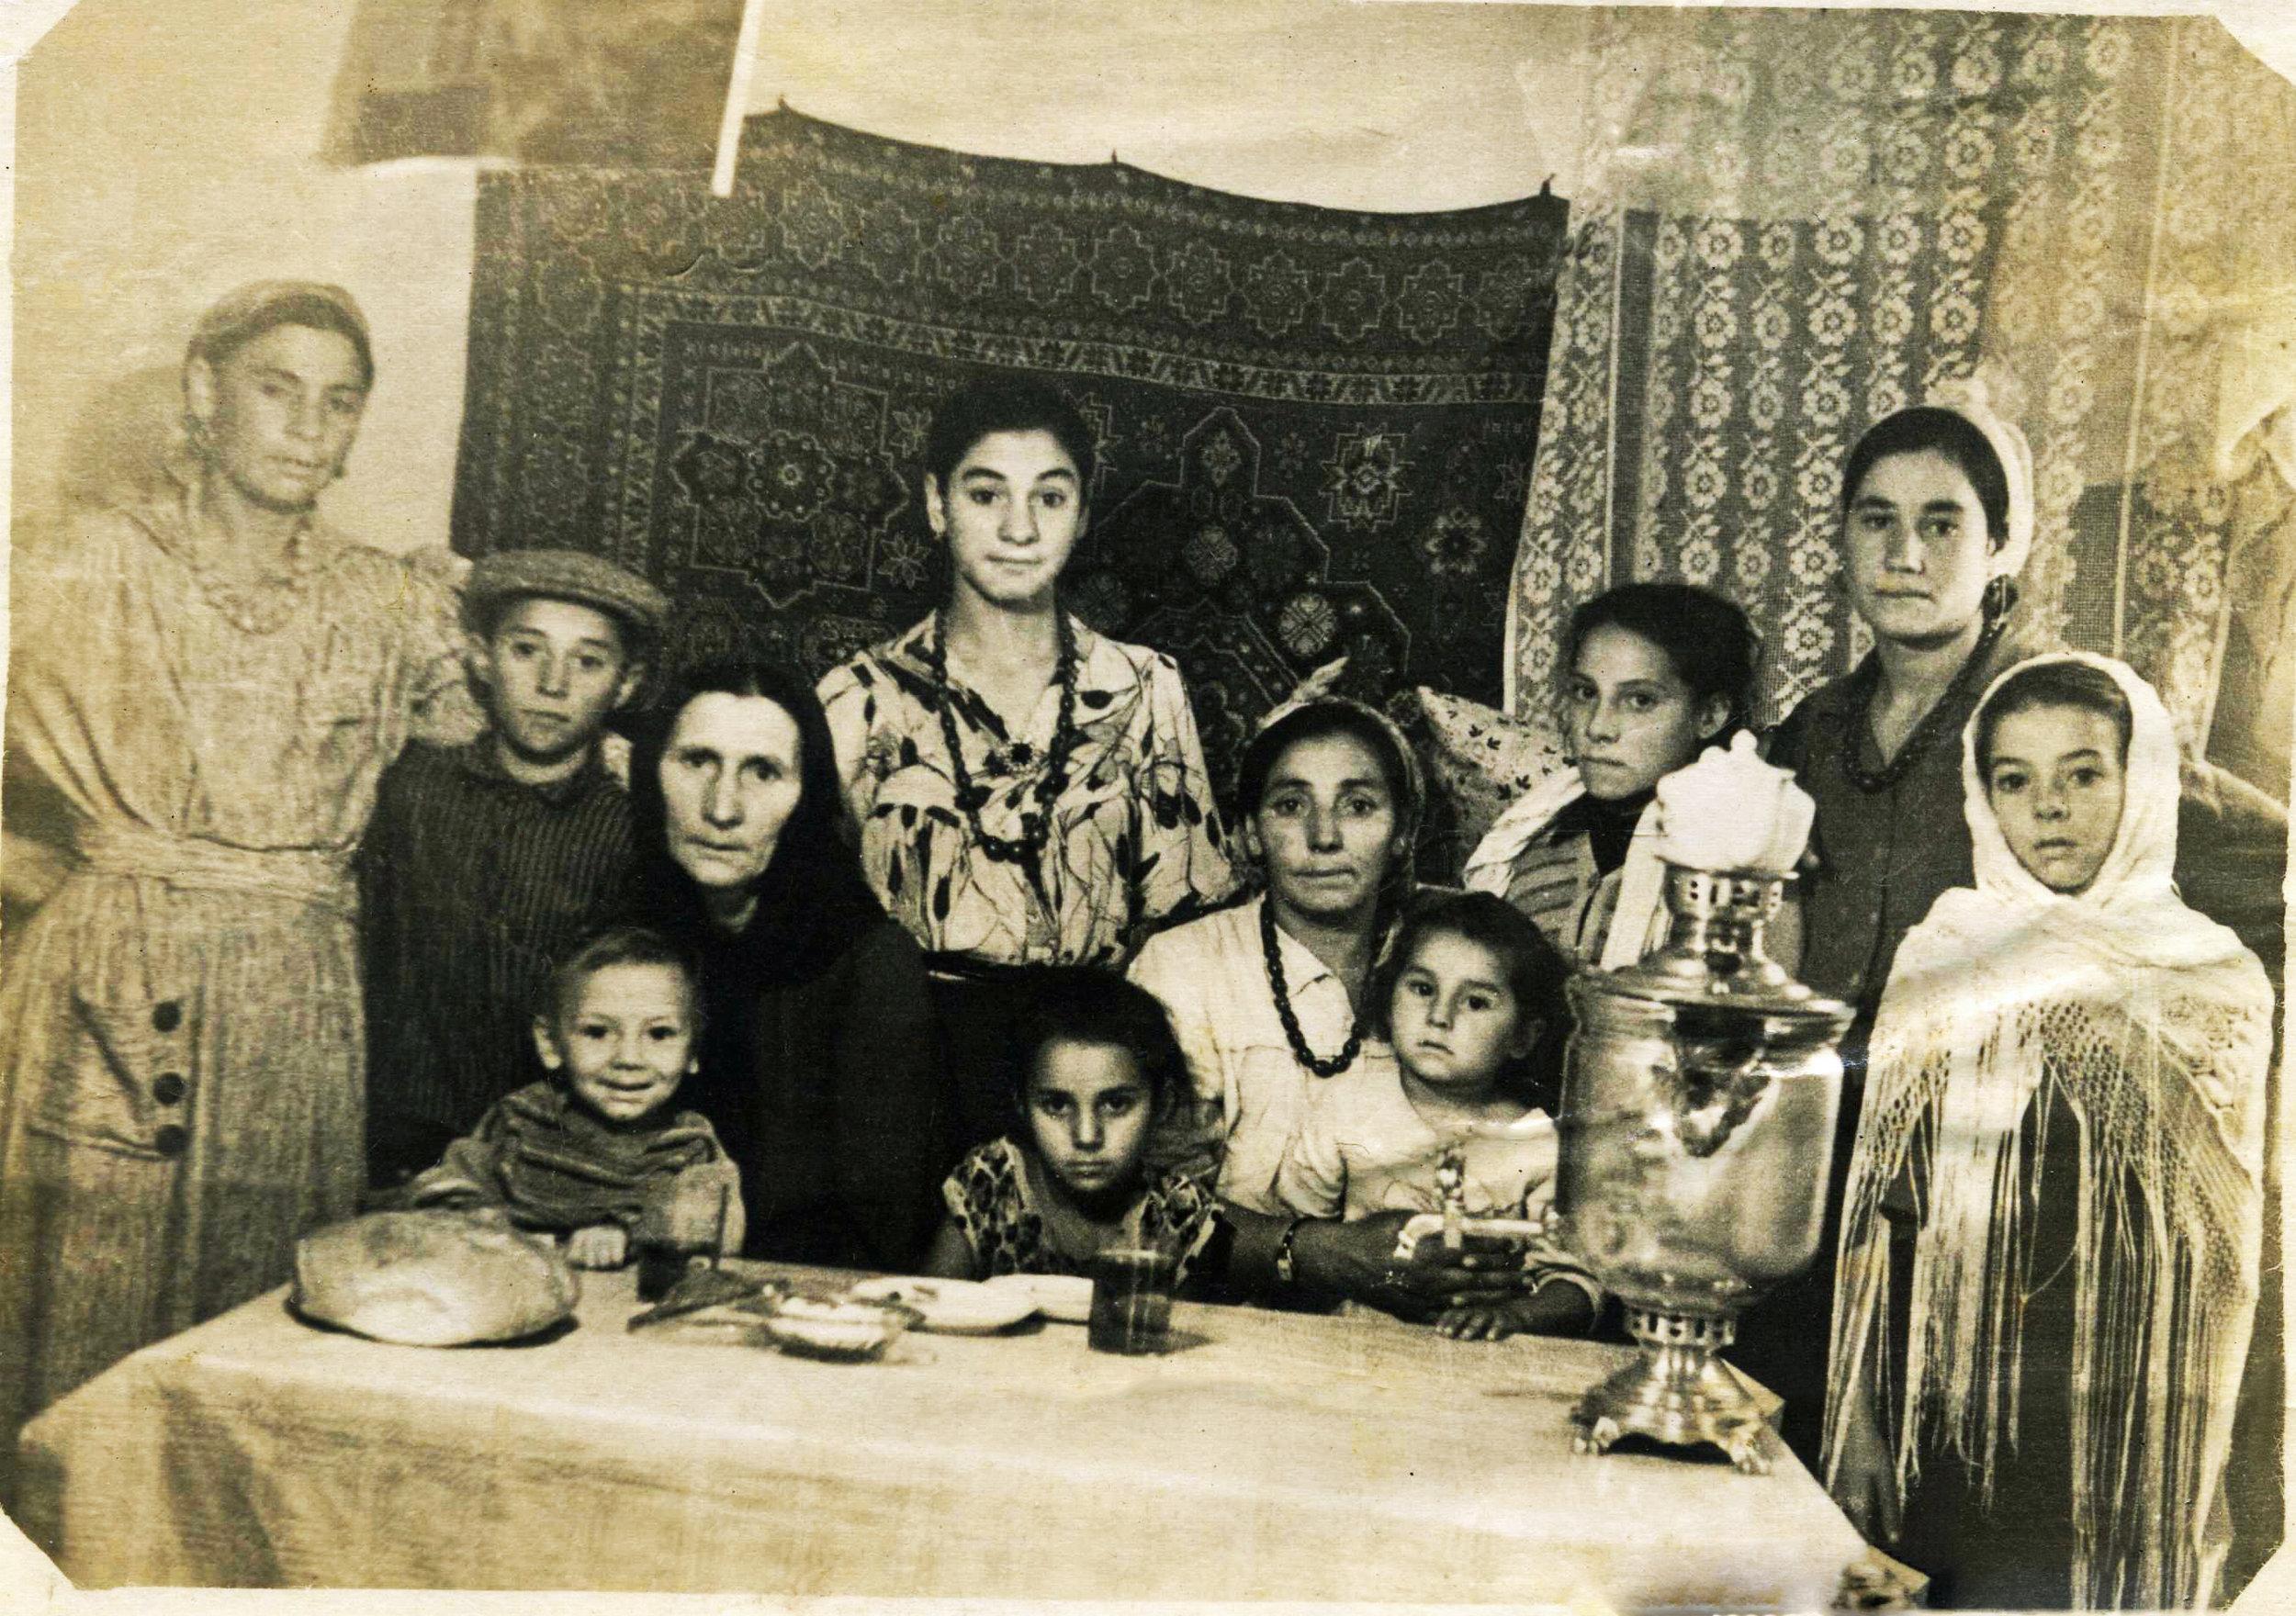 Зинаида Юренко (стоит четвертая слева) с матерью Ольгой «Будкихой» (сидит четвертая слева), ПГТ Меловое Луганской обл. Украины, 1959 г.